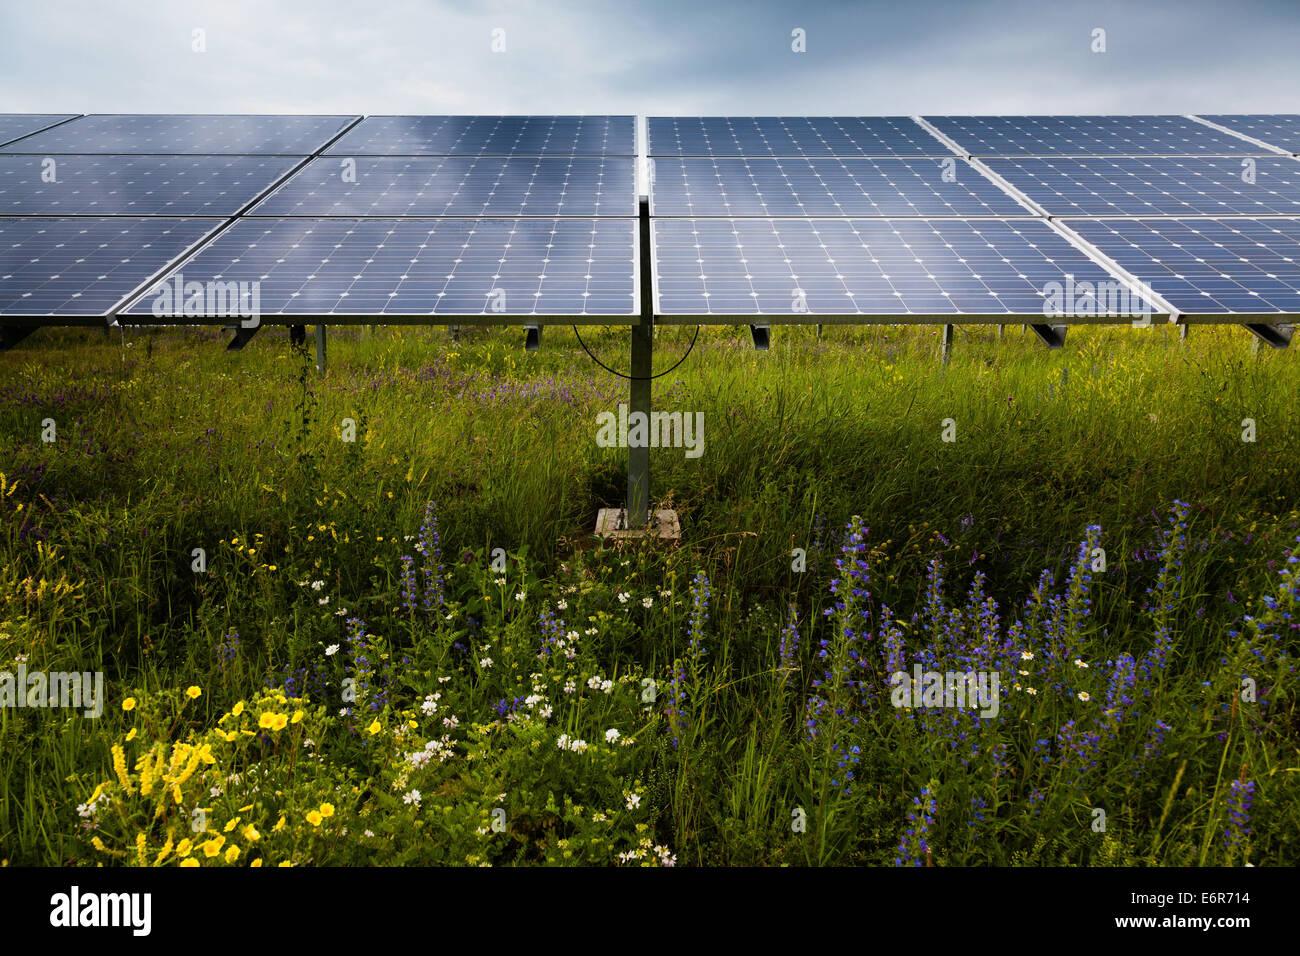 Impianto di alimentazione utilizzando fonti di energia solare Immagini Stock